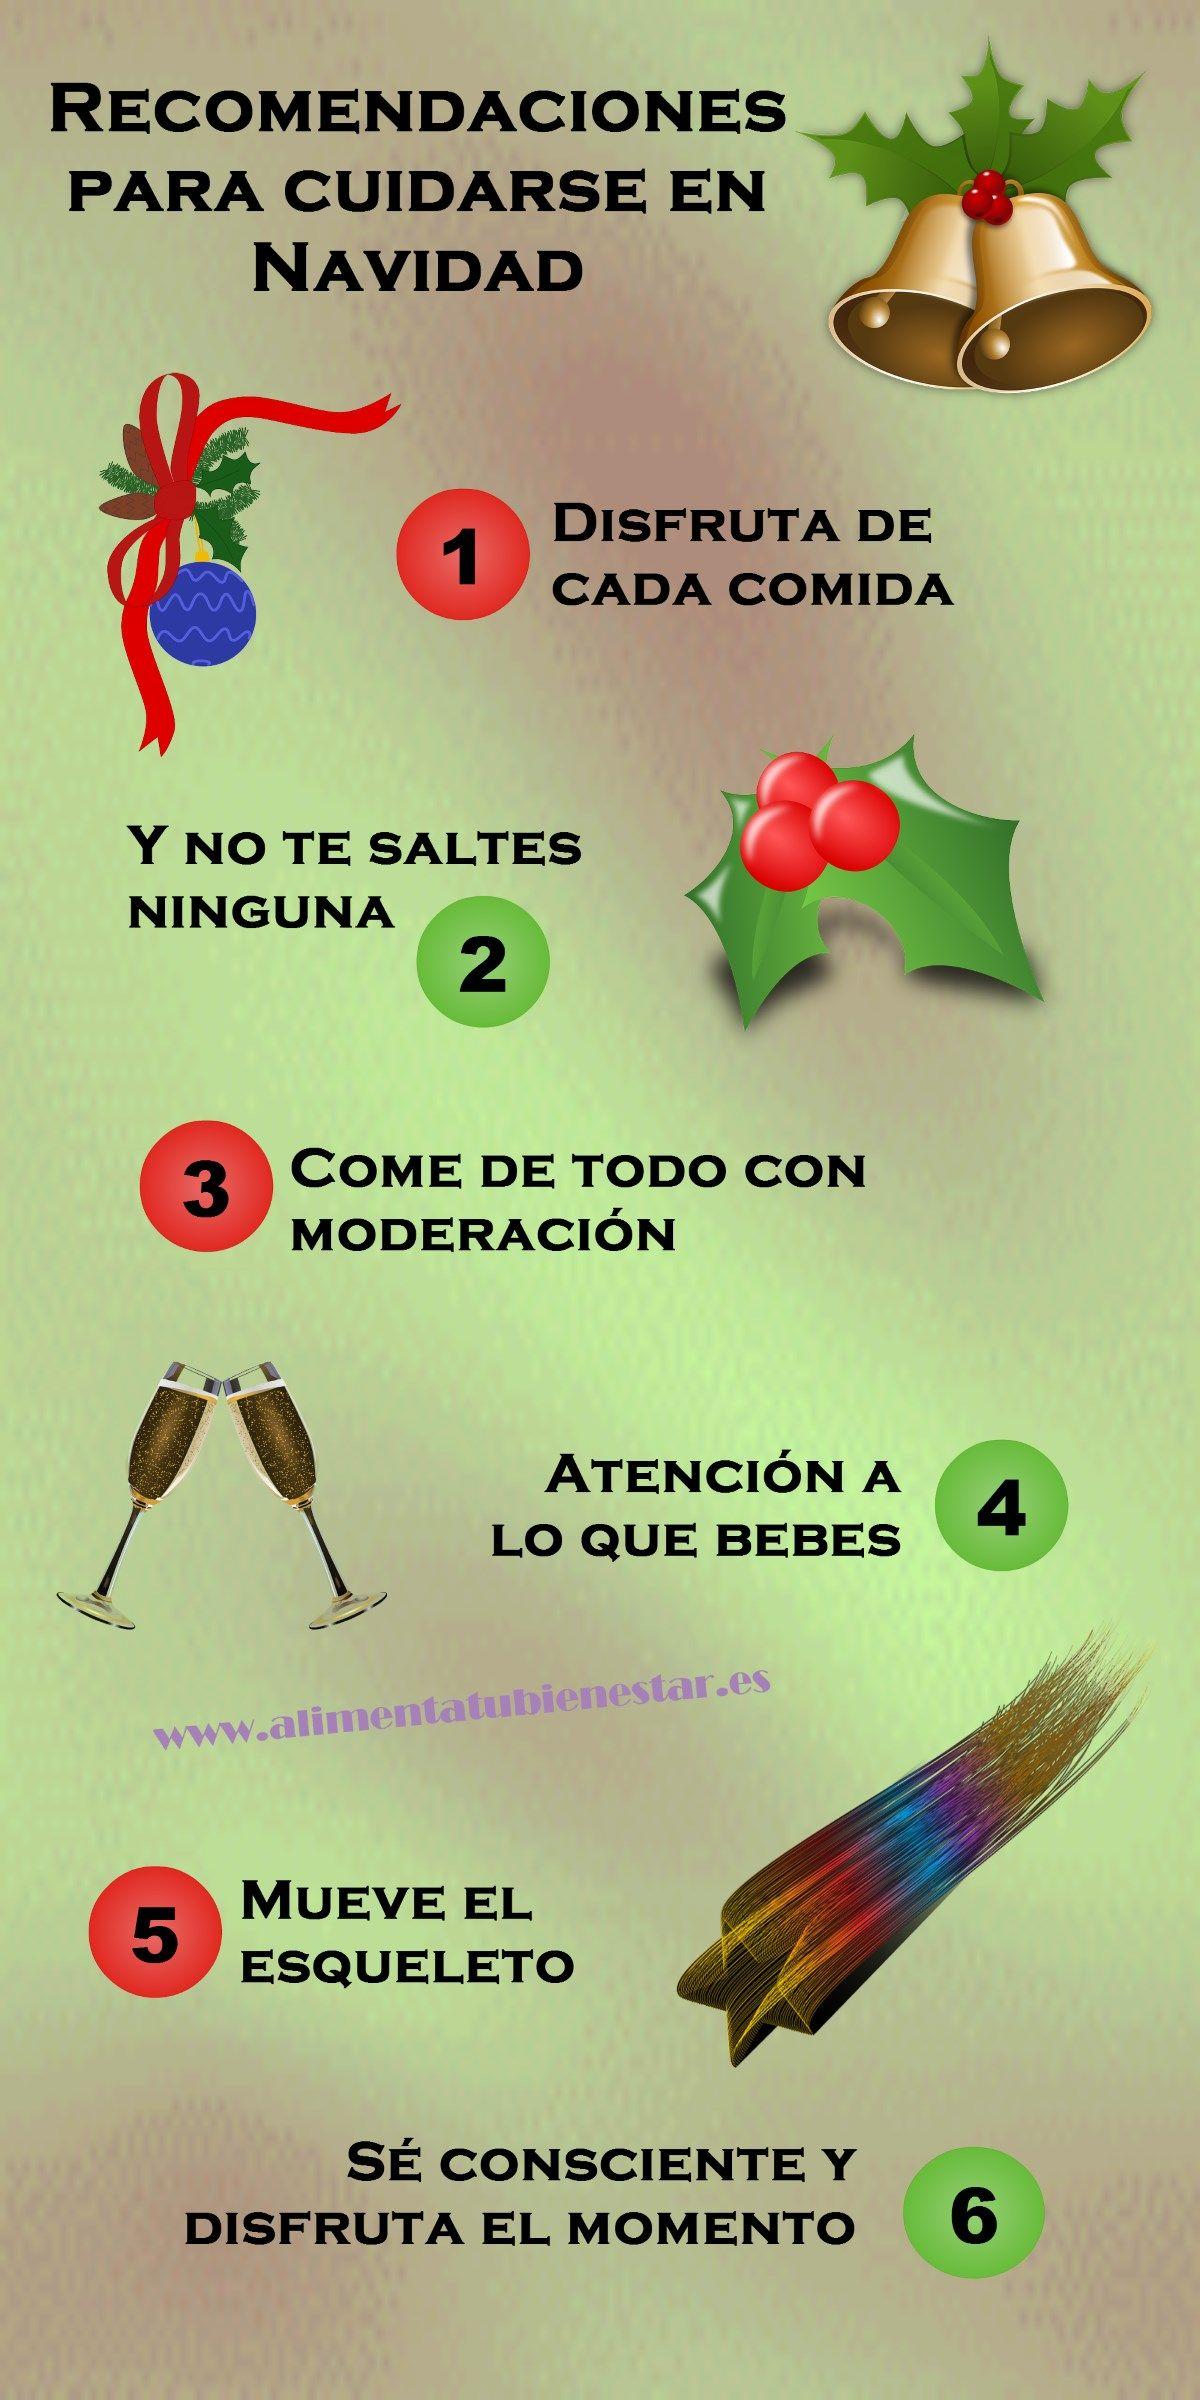 Pautas para cuidarse en Navidad